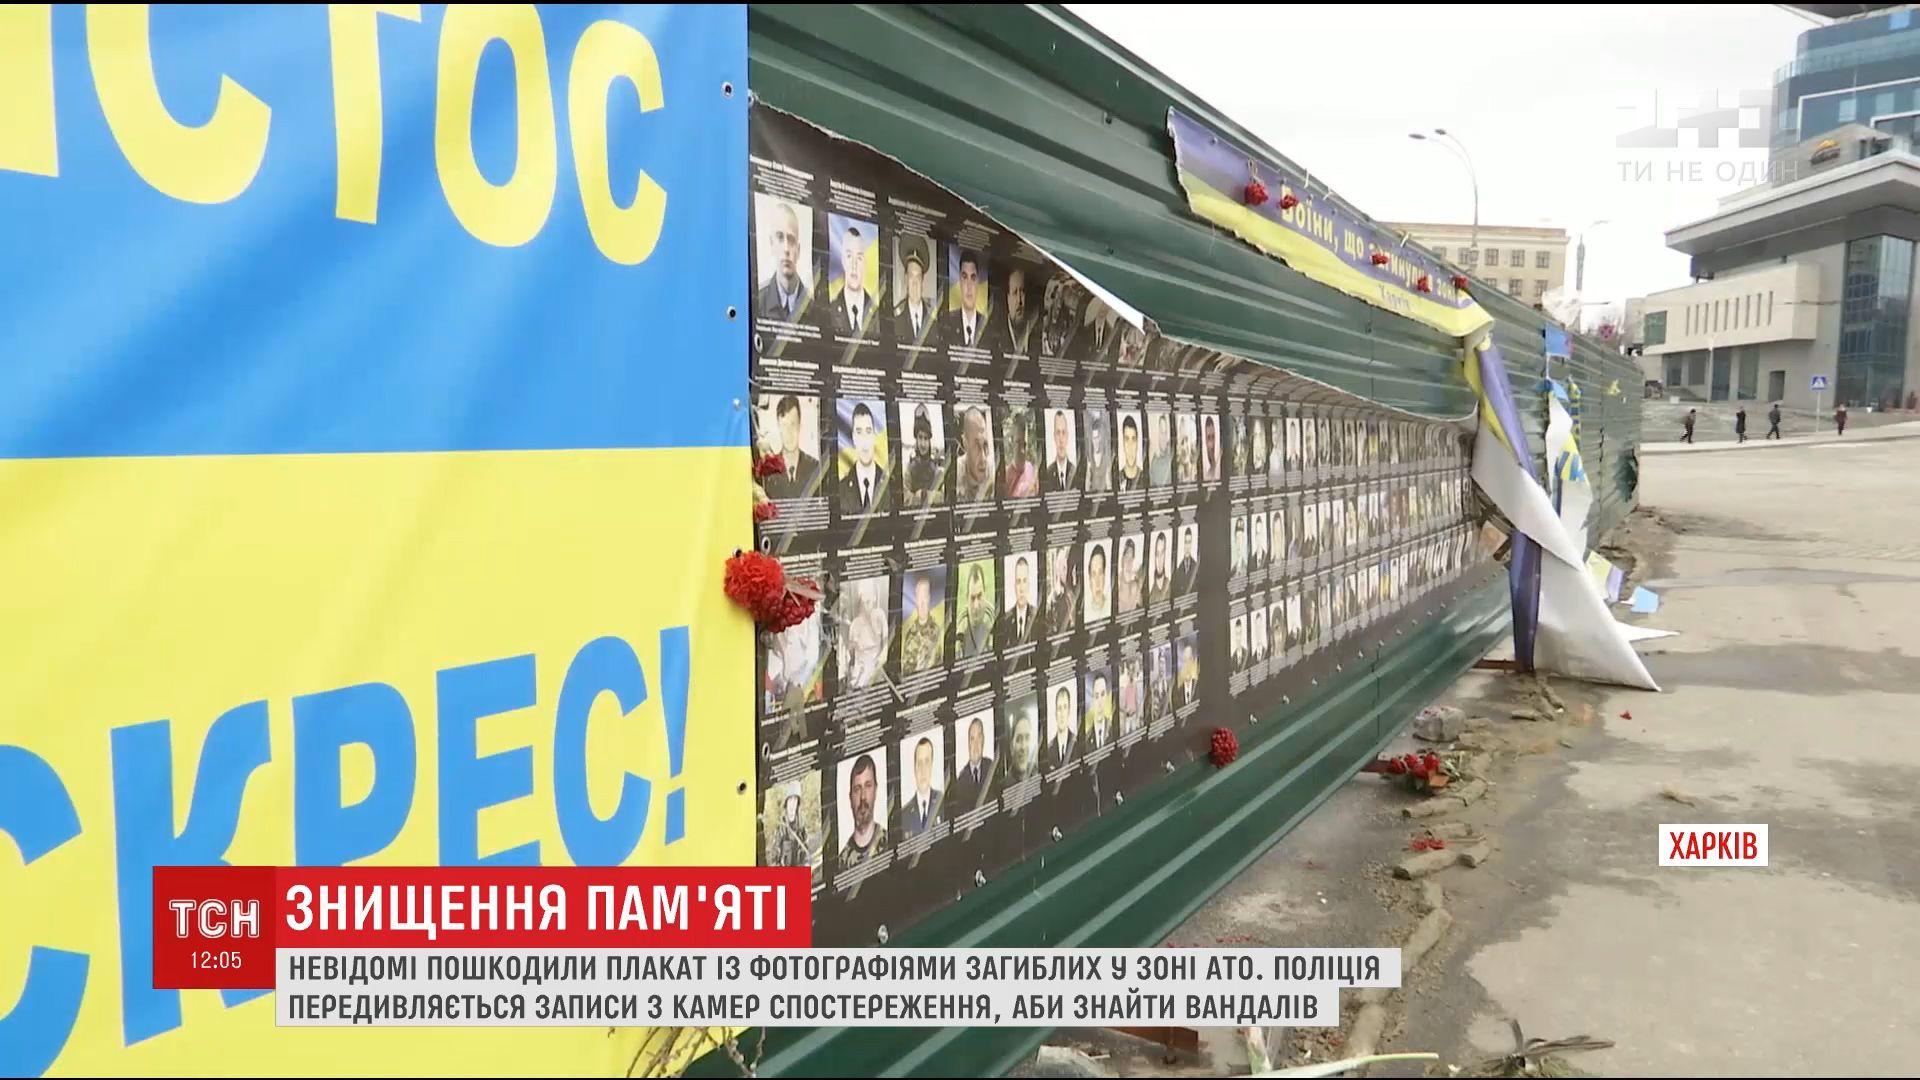 Мемориальный плакат с фотографиями погибших участников АТО повредили неизвестные в Харькове /